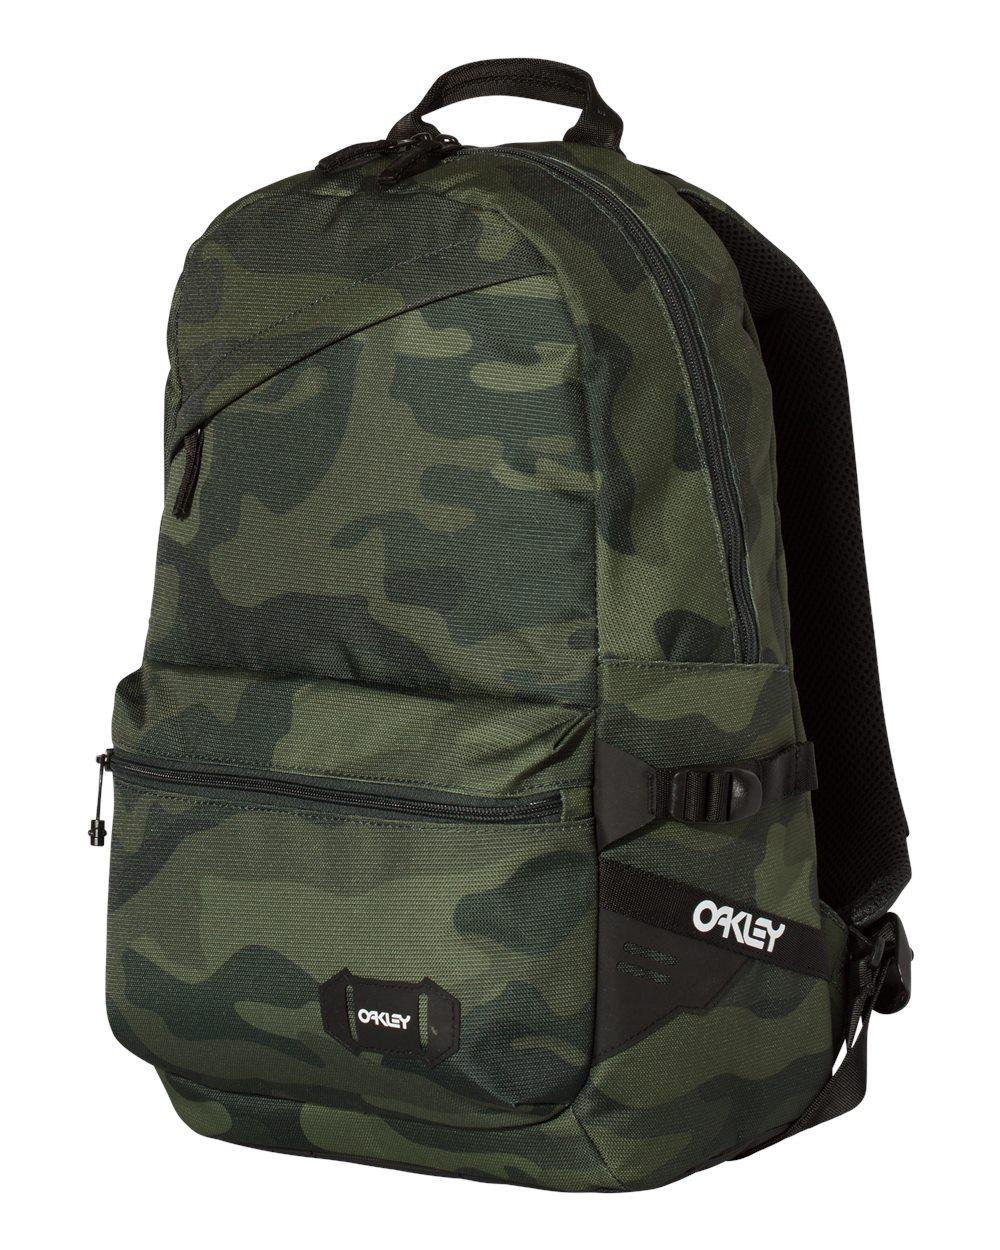 Oakley 921417ODM - 20L Street Backpack